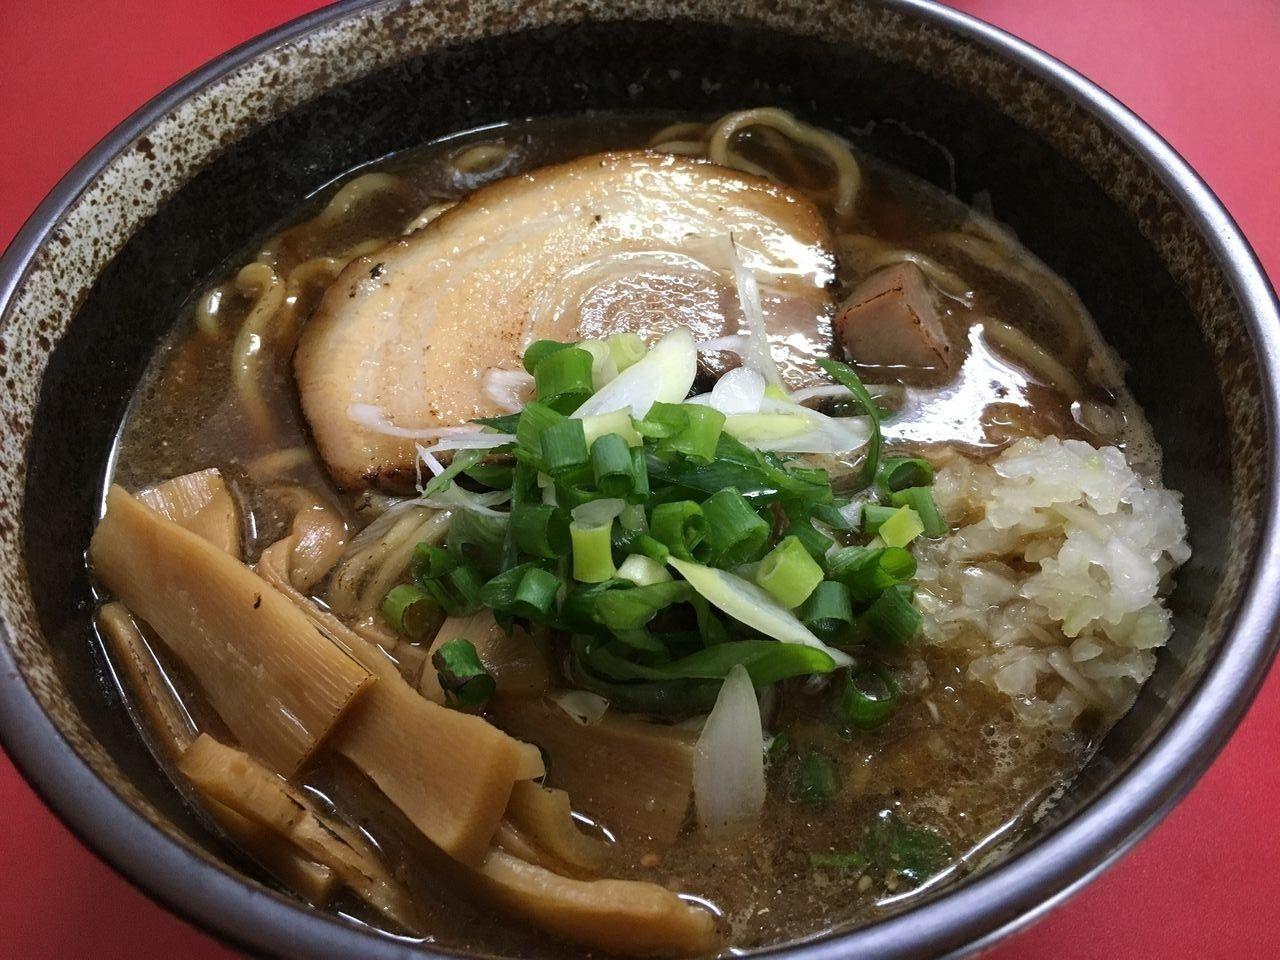 ア・ス・ヴェルデテナントのラーメン店「義匠」さんの魚介麺です!!